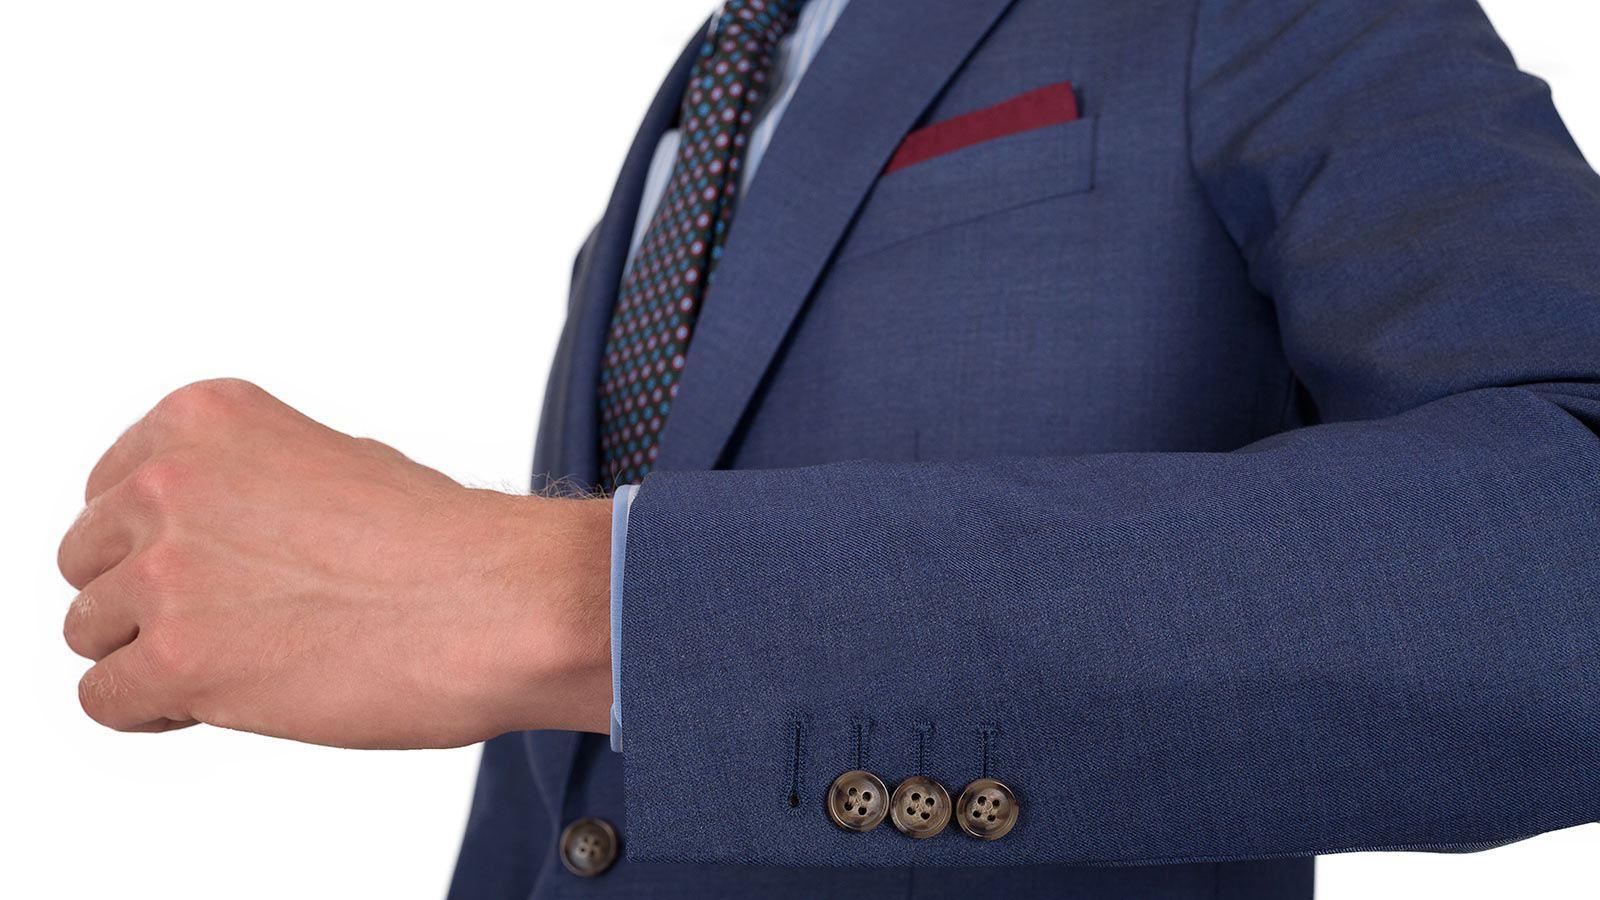 Sky Blue Natural Stretch Wool Suit - slider image 1